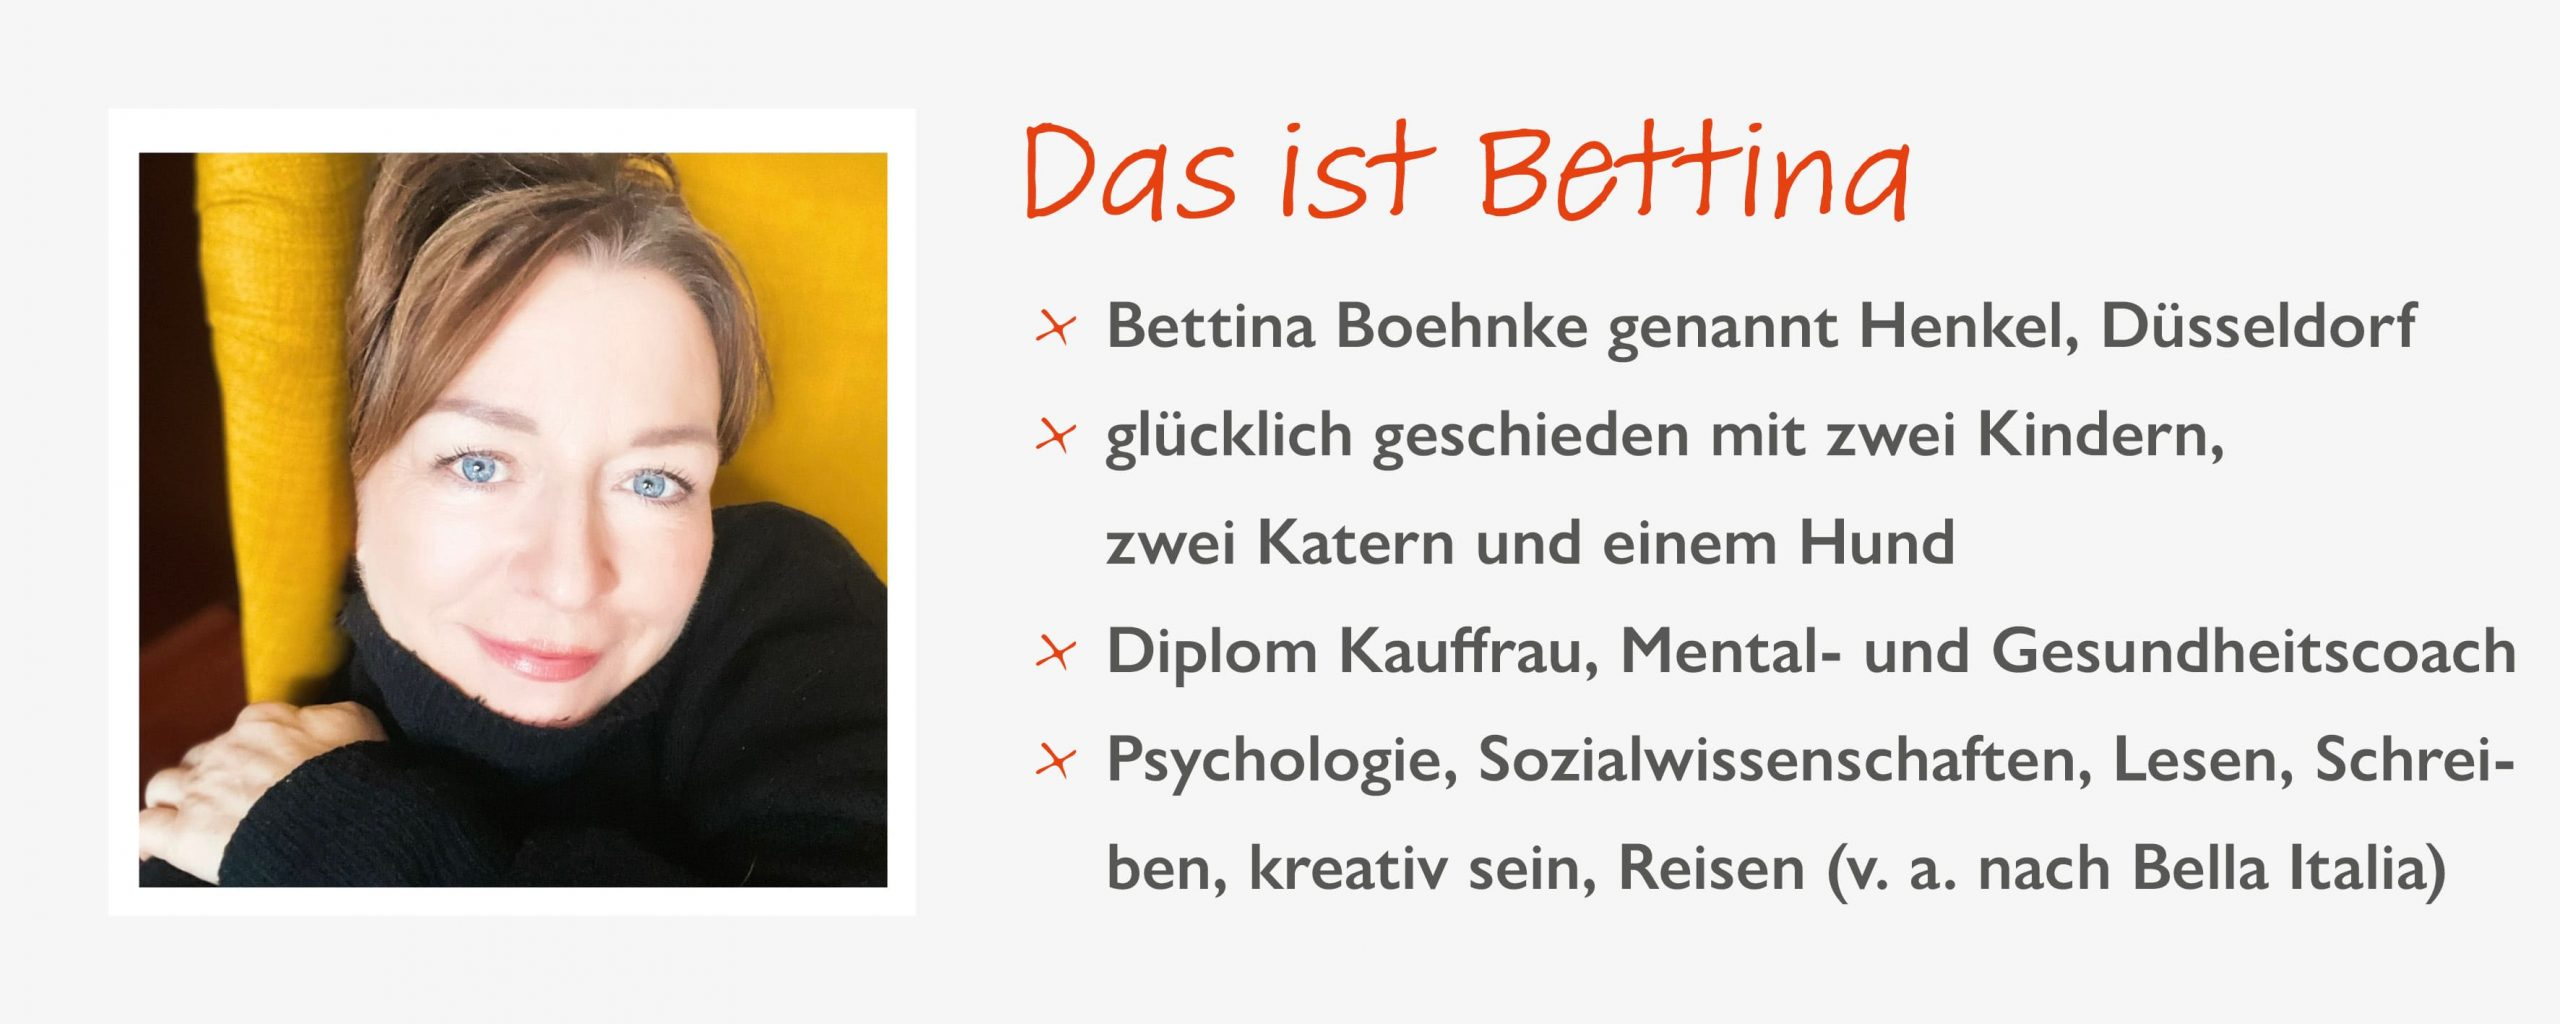 Steckbrief Bettine Boehnke, genannt Henkel